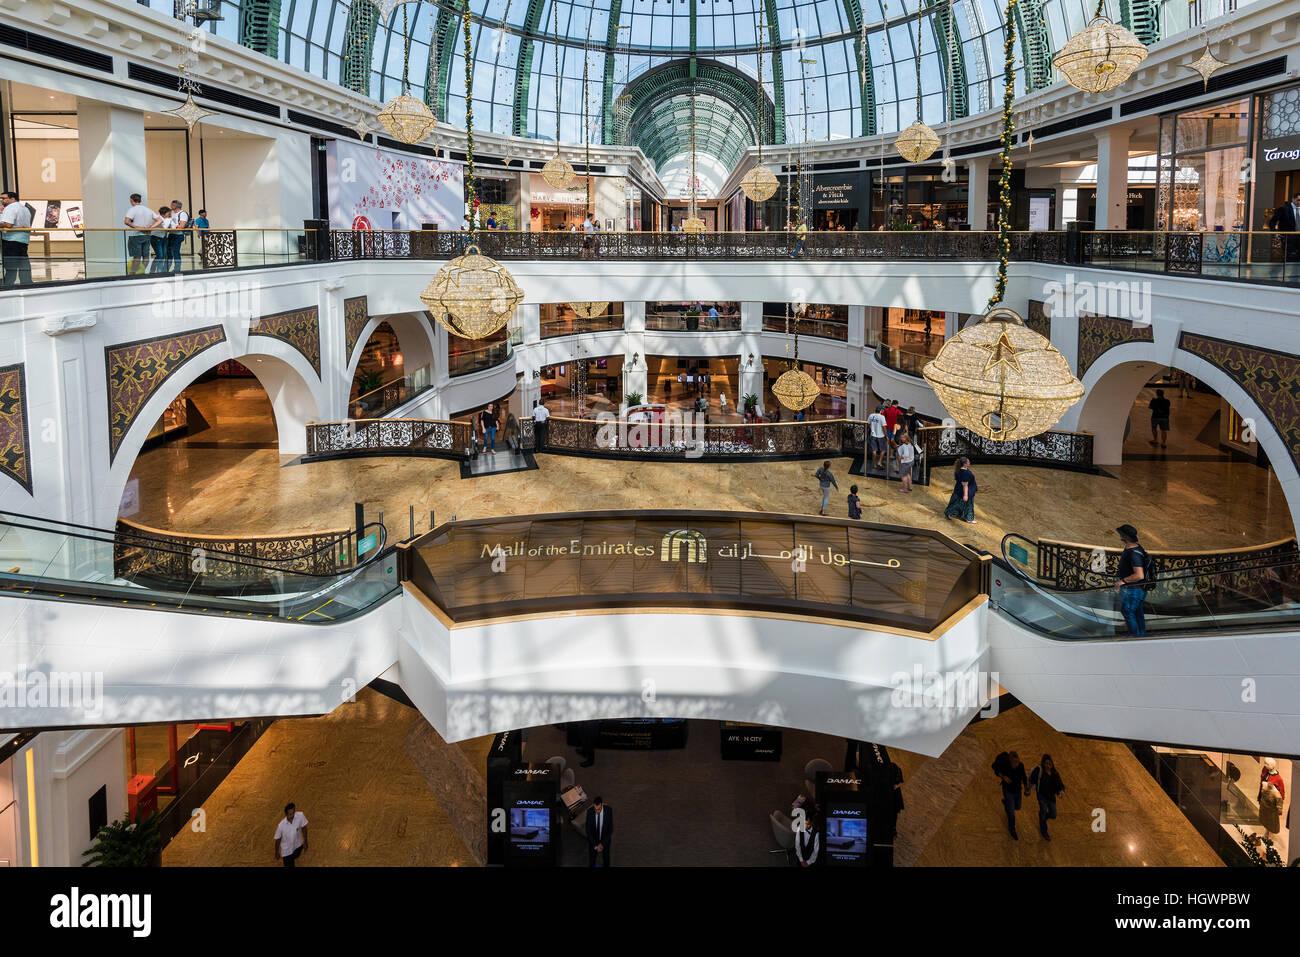 Mall of the Emirates shopping mall, Dubai, United Arab Emirates - Stock Image